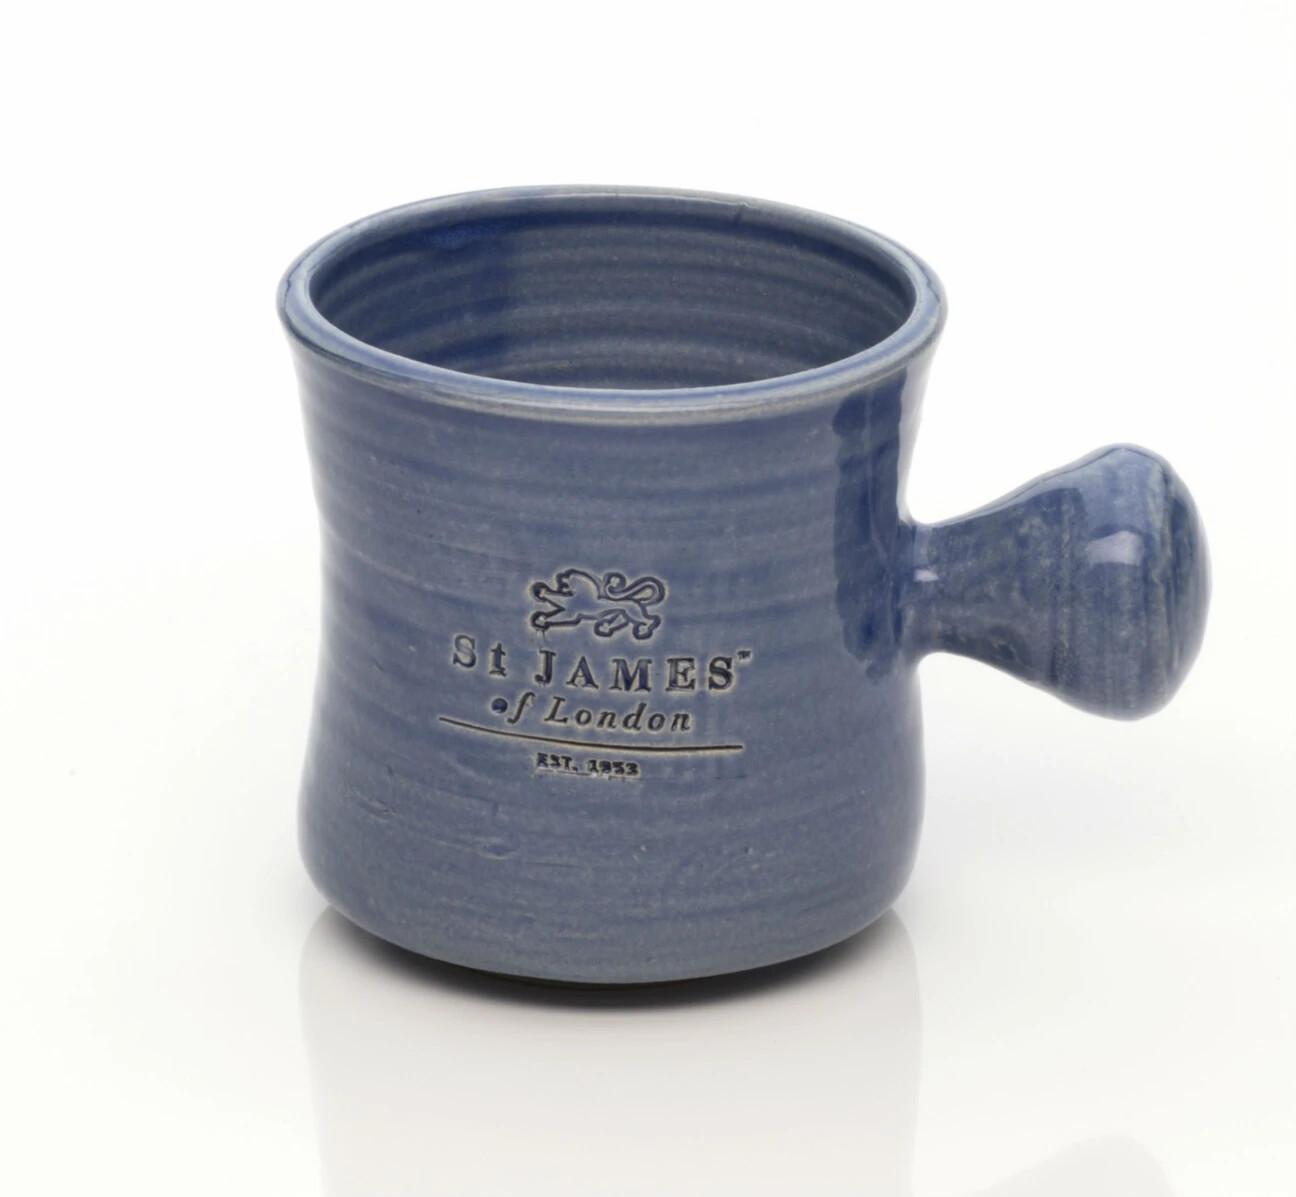 St. James of London Shaving Mug